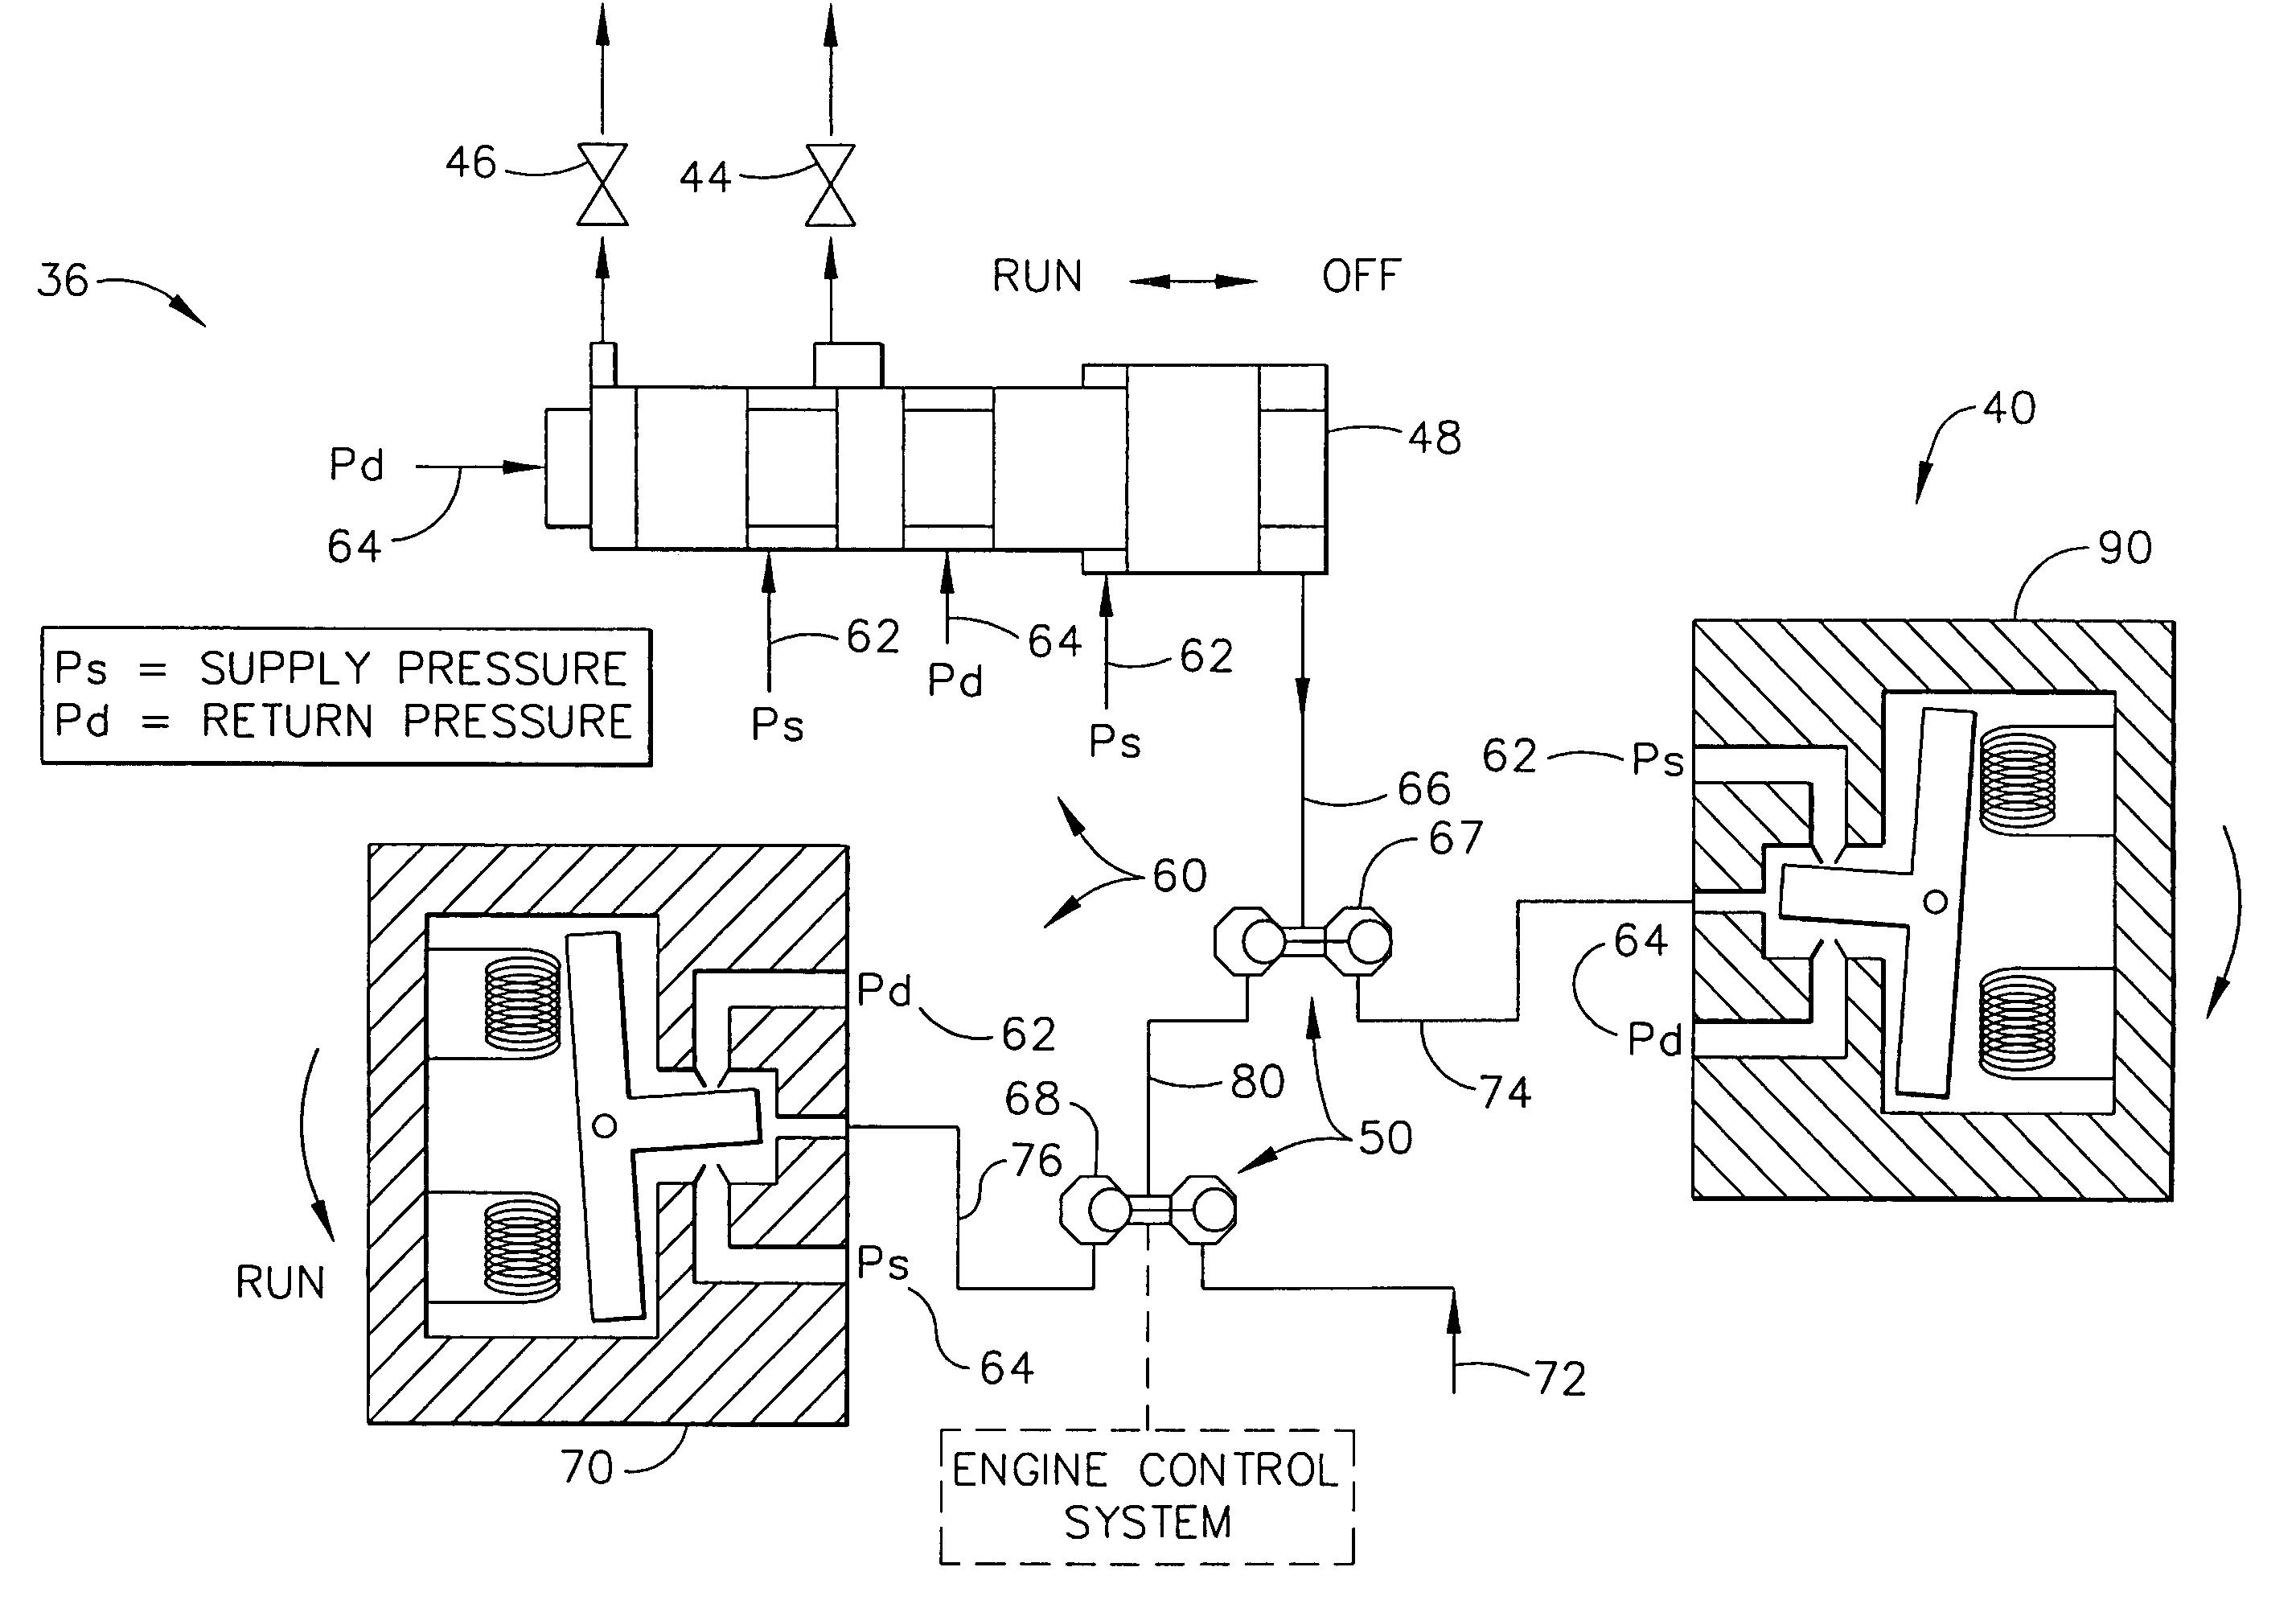 33 Cummins Isx Fuel Shut Off Valve Diagram